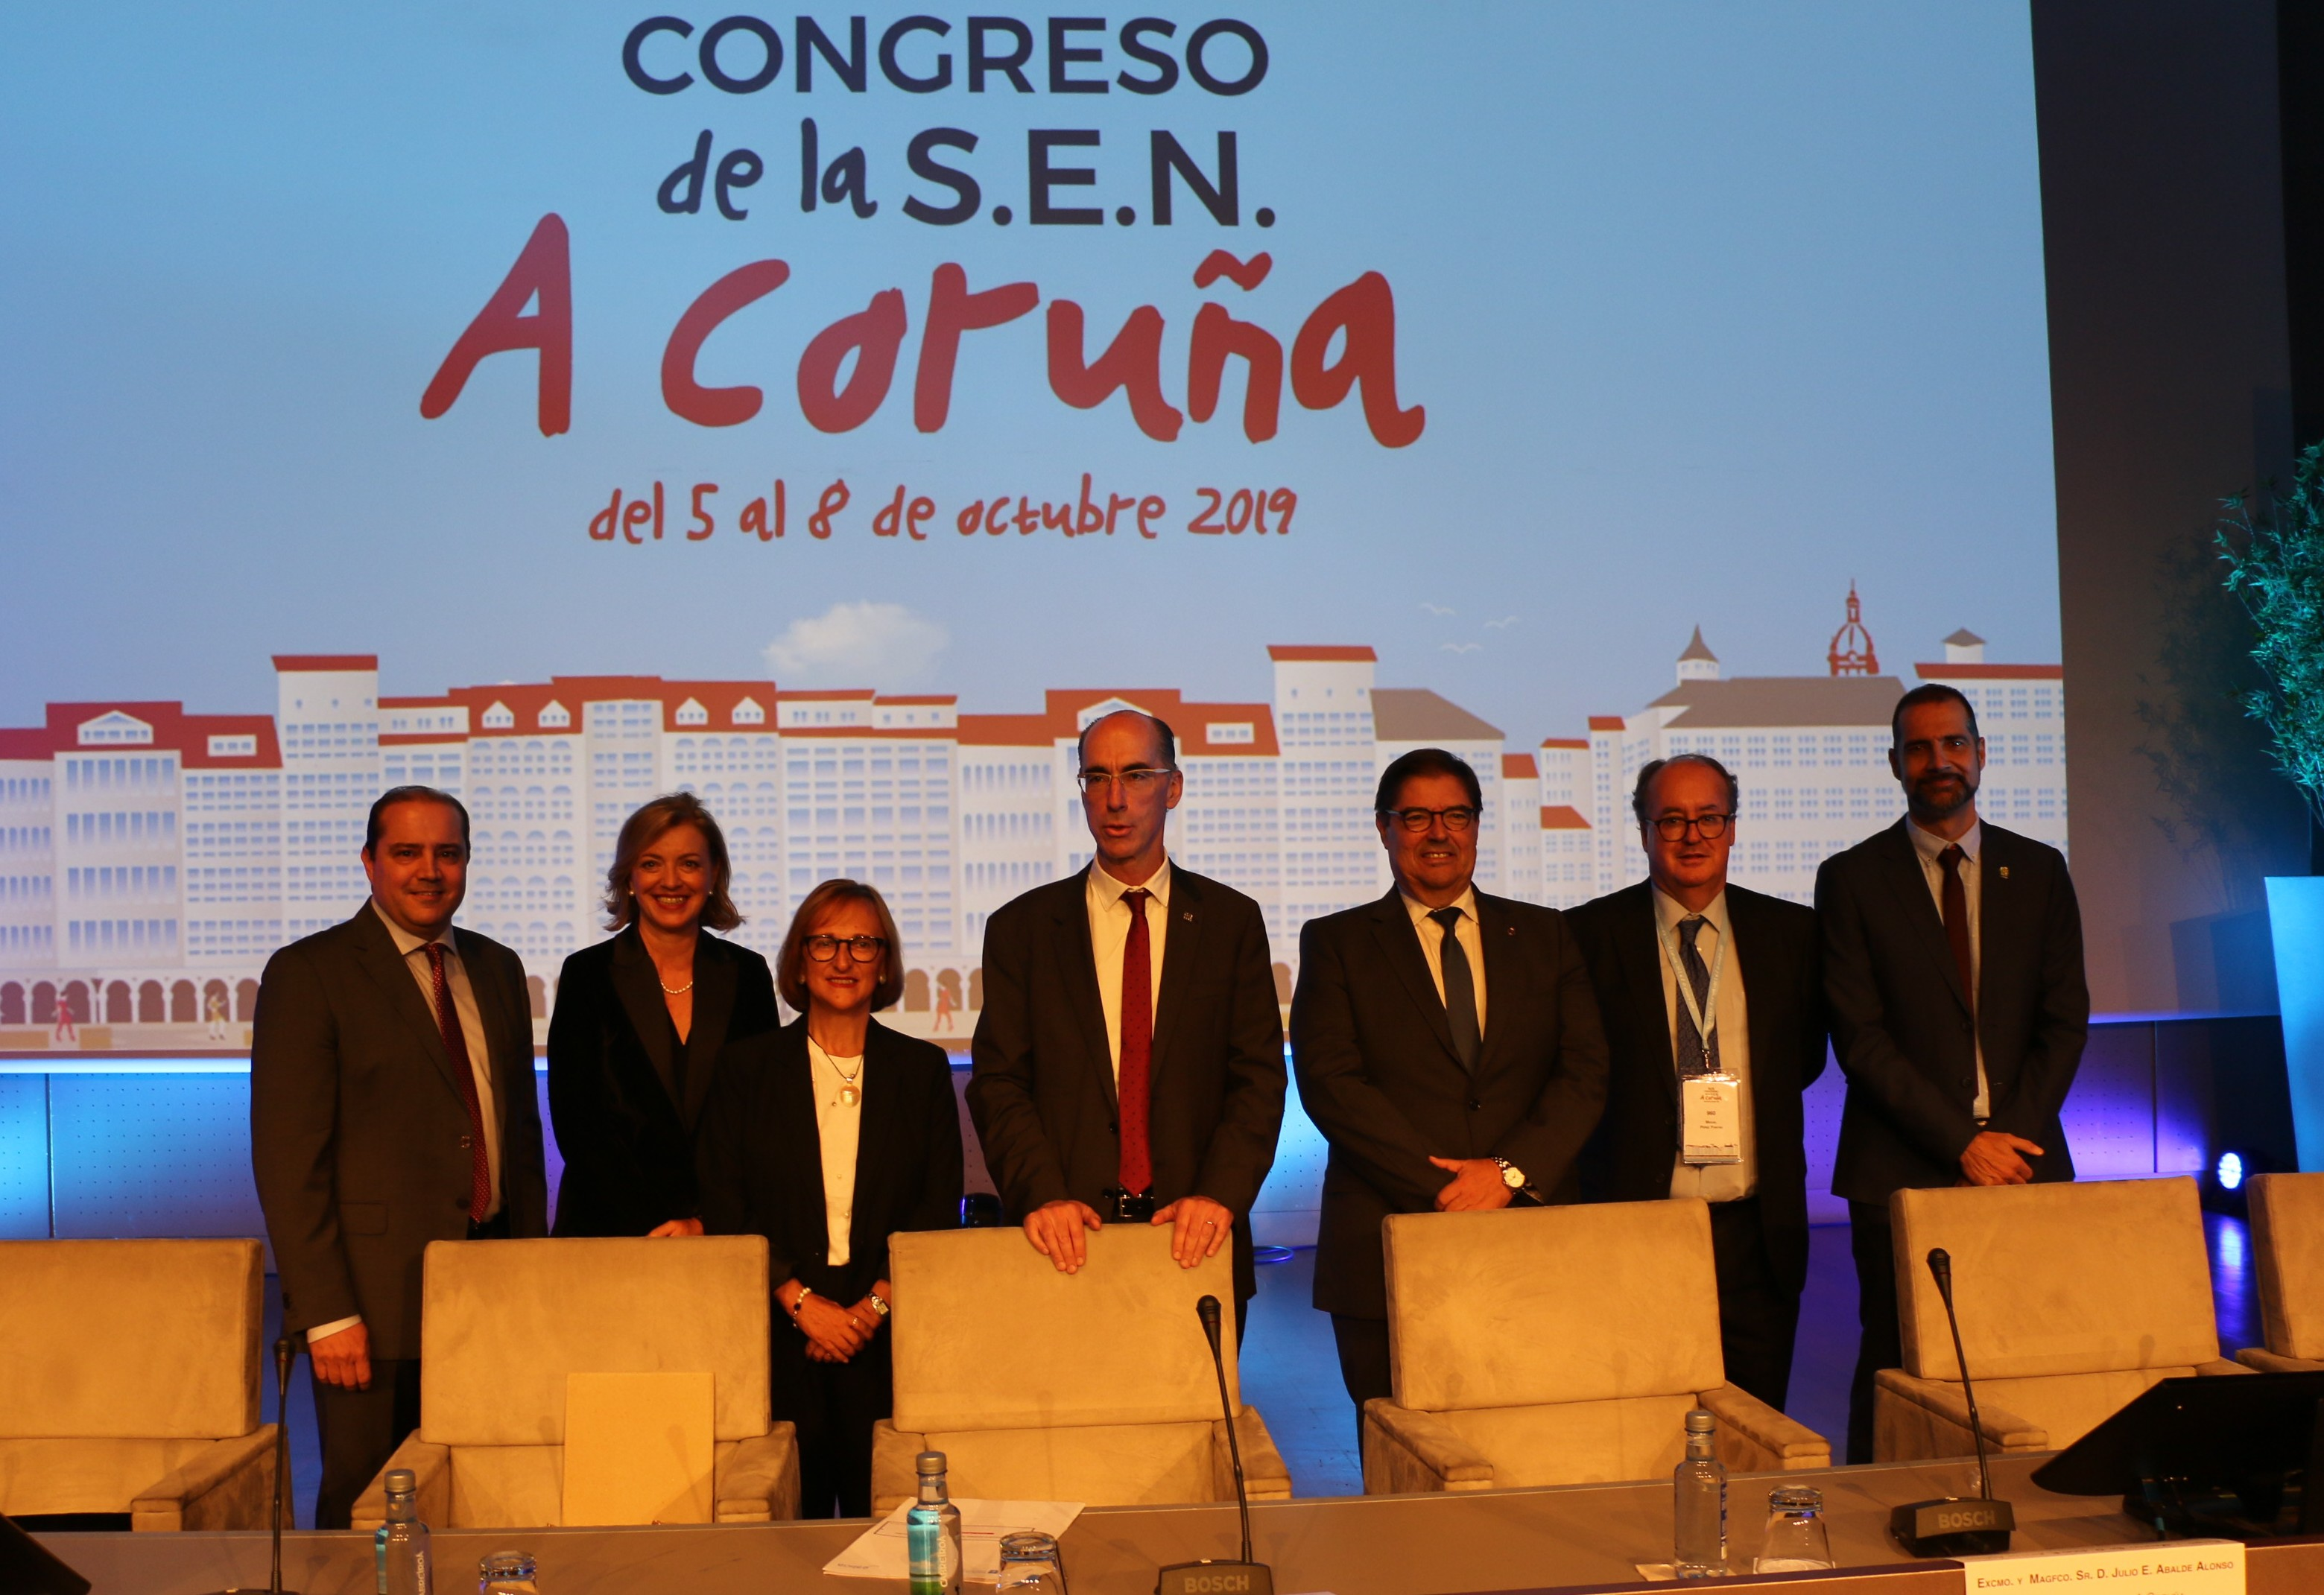 El Conselleiro de Sanidad, Jesús Vazquez, inaugura el Congreso Nacional de Nefrología, que reúne a más de 1.000 expertos para abordar los avances y retos para la prevención y tratamiento de la enfermedad renal